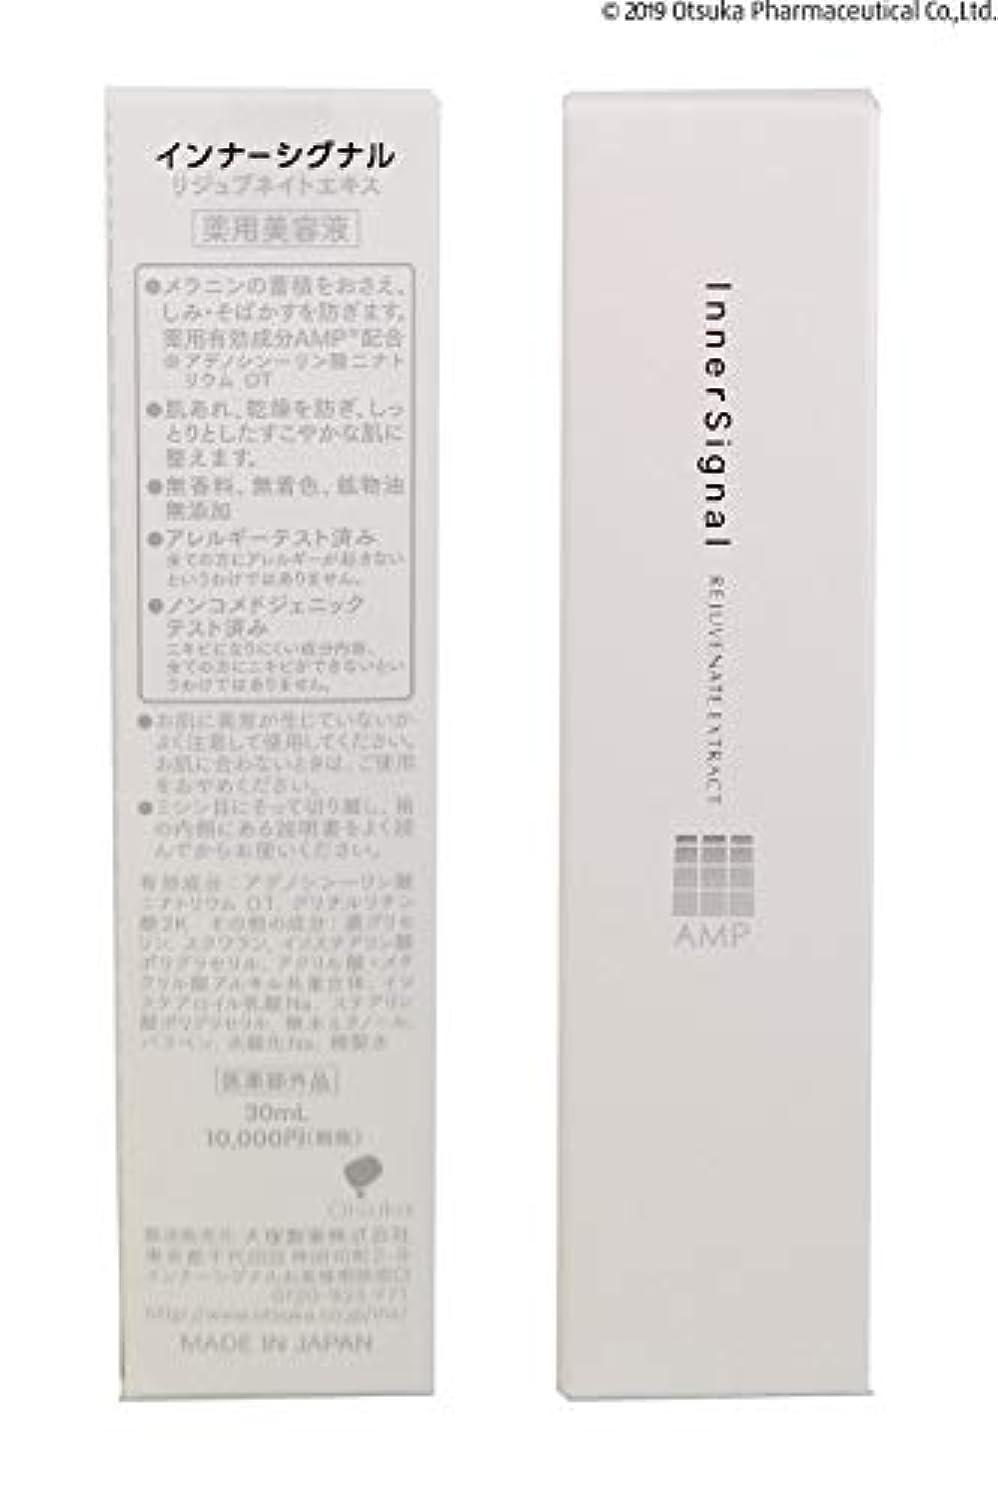 幅乳剤住所大塚製薬 【医薬部外品】 インナーシグナル エキス 30mL (薬用美容液)52981